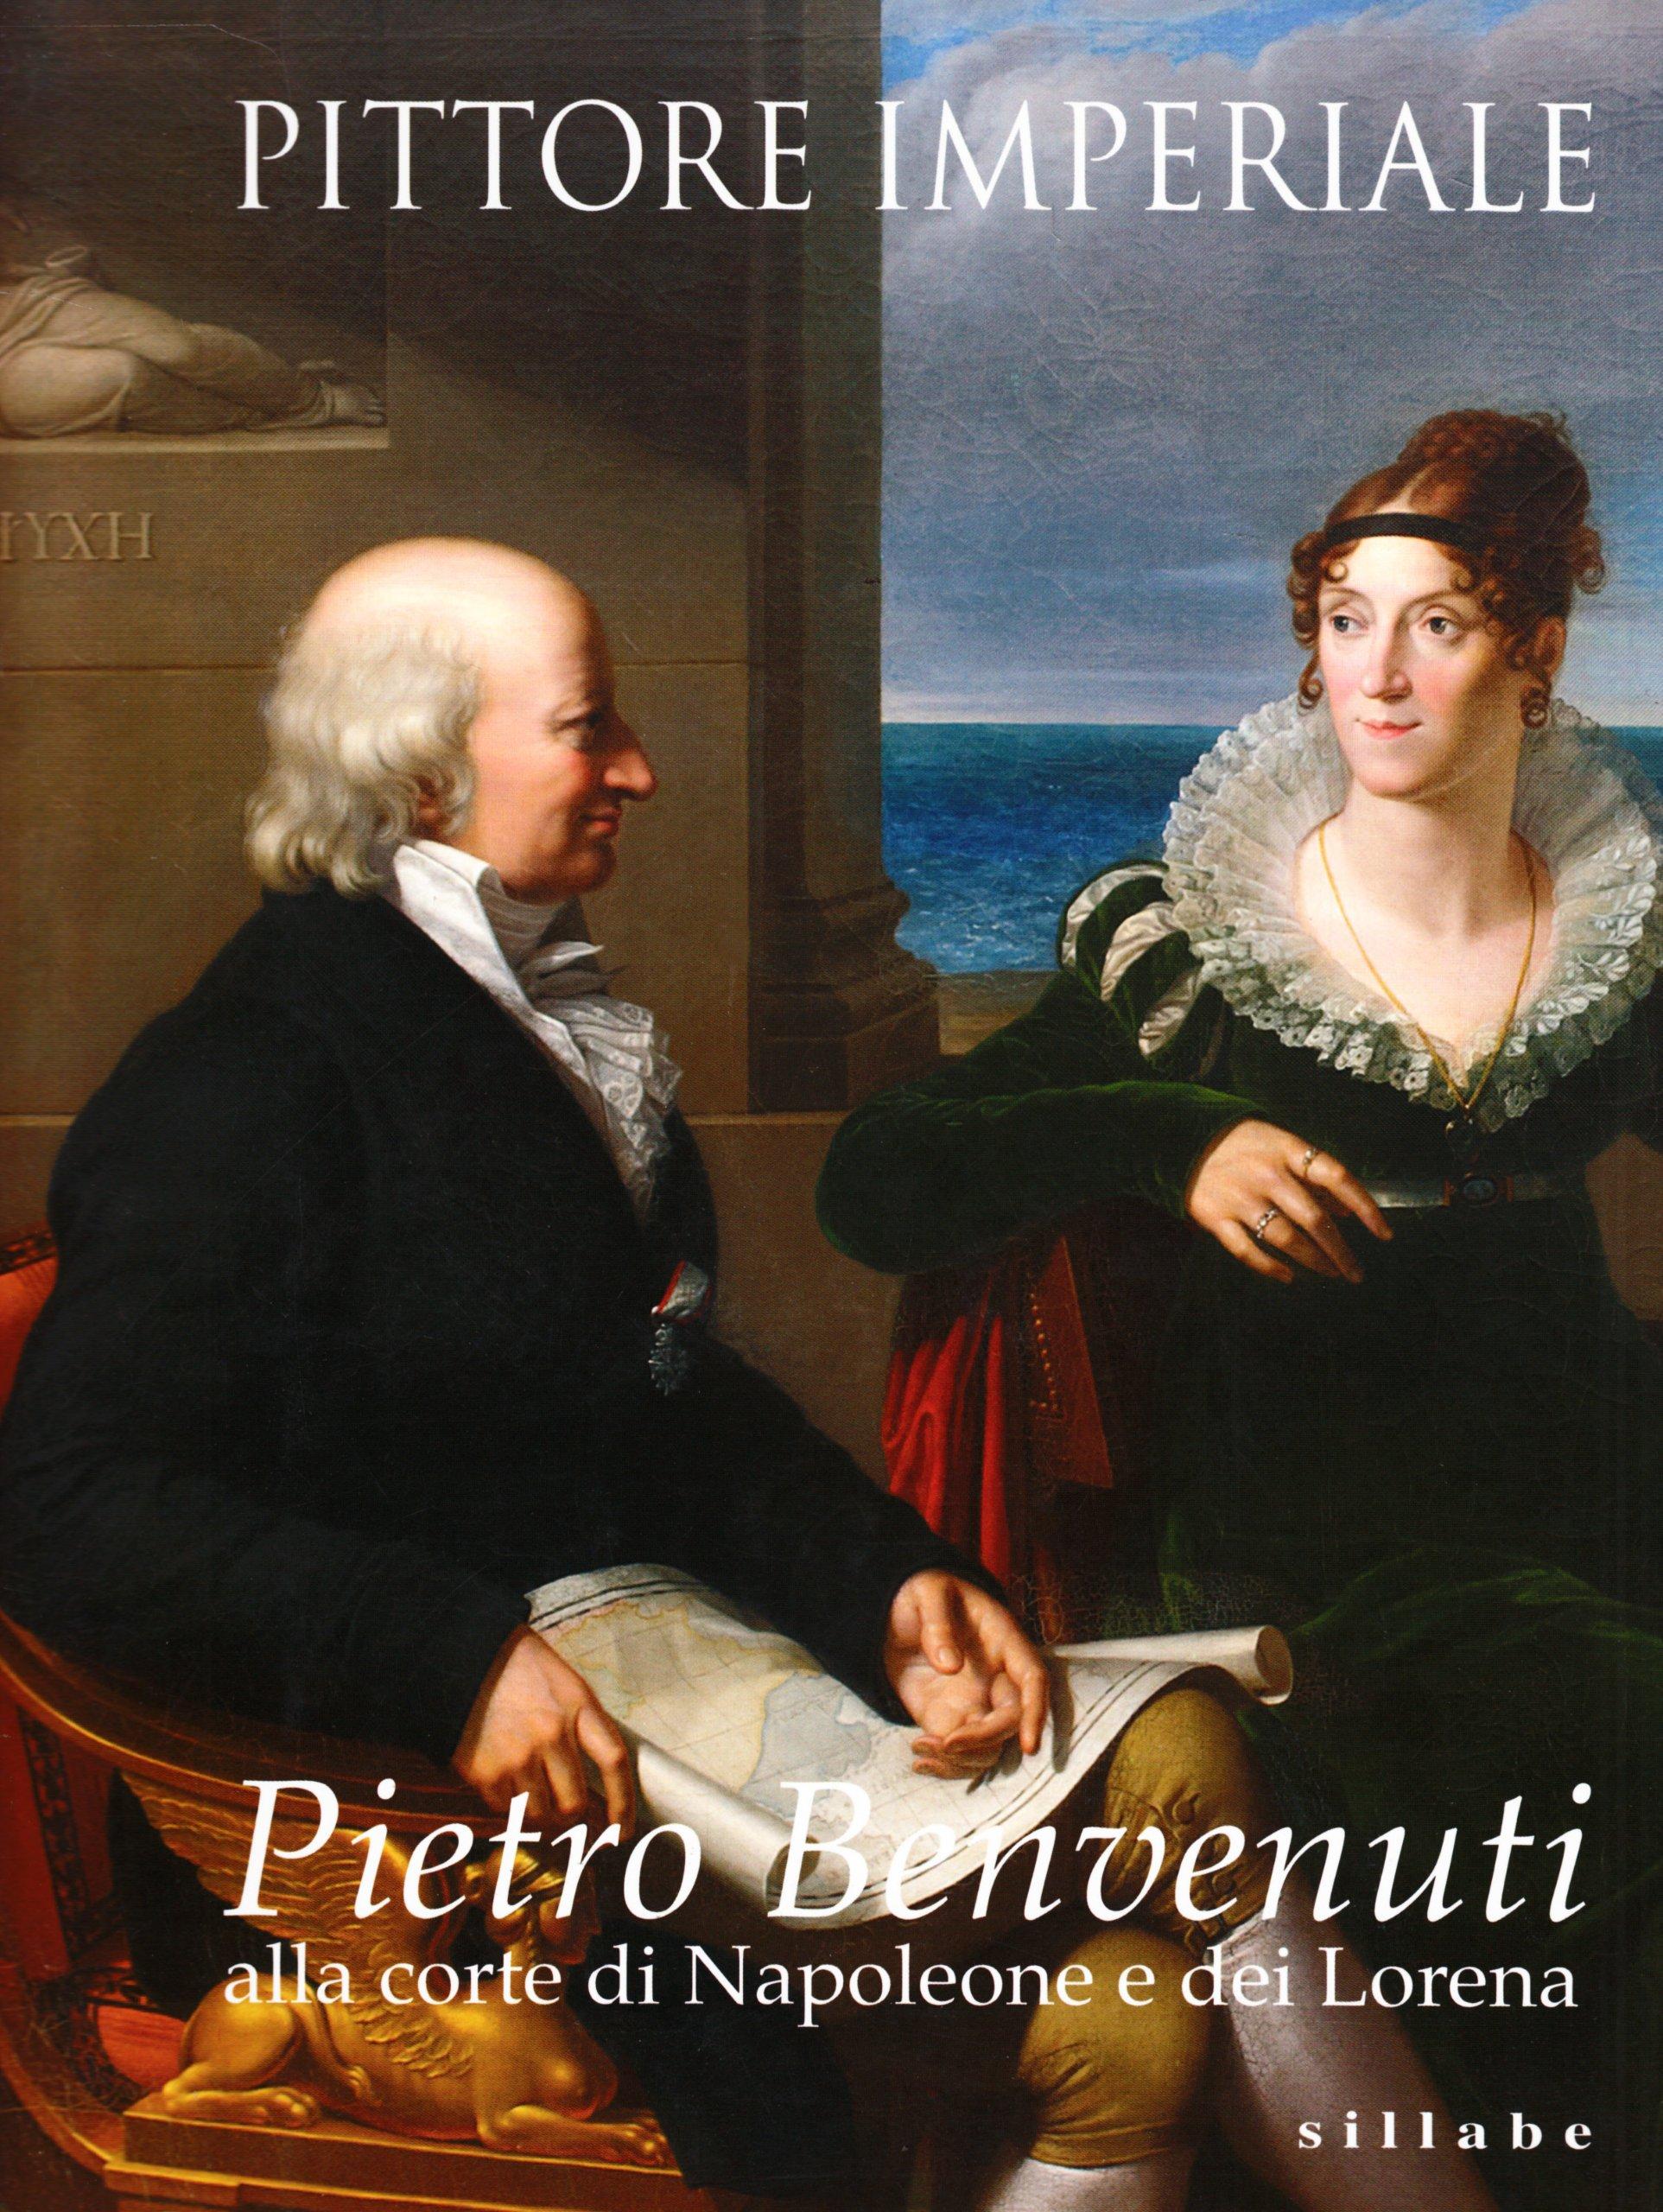 Pittore imperiale. Pietro Benvenuti alla corte di Napoleone e dei Lorena. PDF